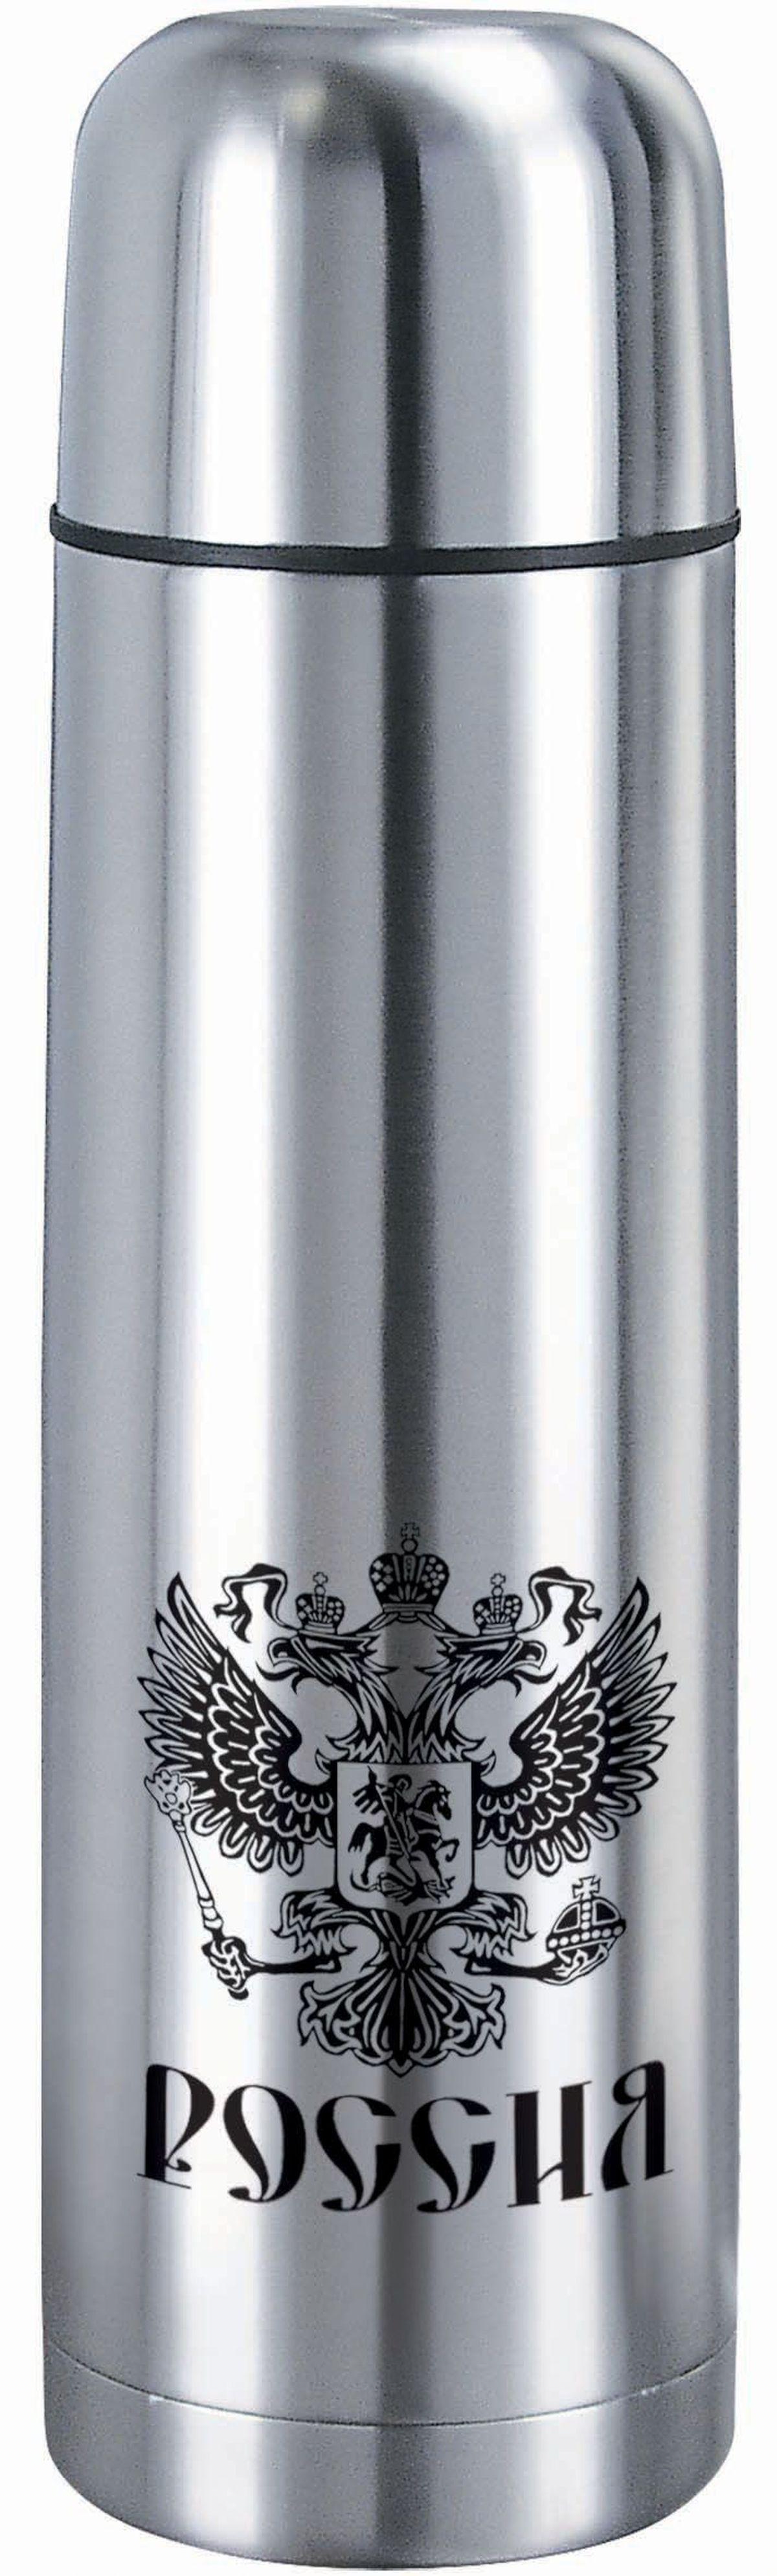 Термос Bekker, 1 л. BK-4119BK-4119Объем 1л, вакуумная кнопка, двойные стенки с вакуумом, крышка-чашка. Состав: нержавеющая сталь 18/8.